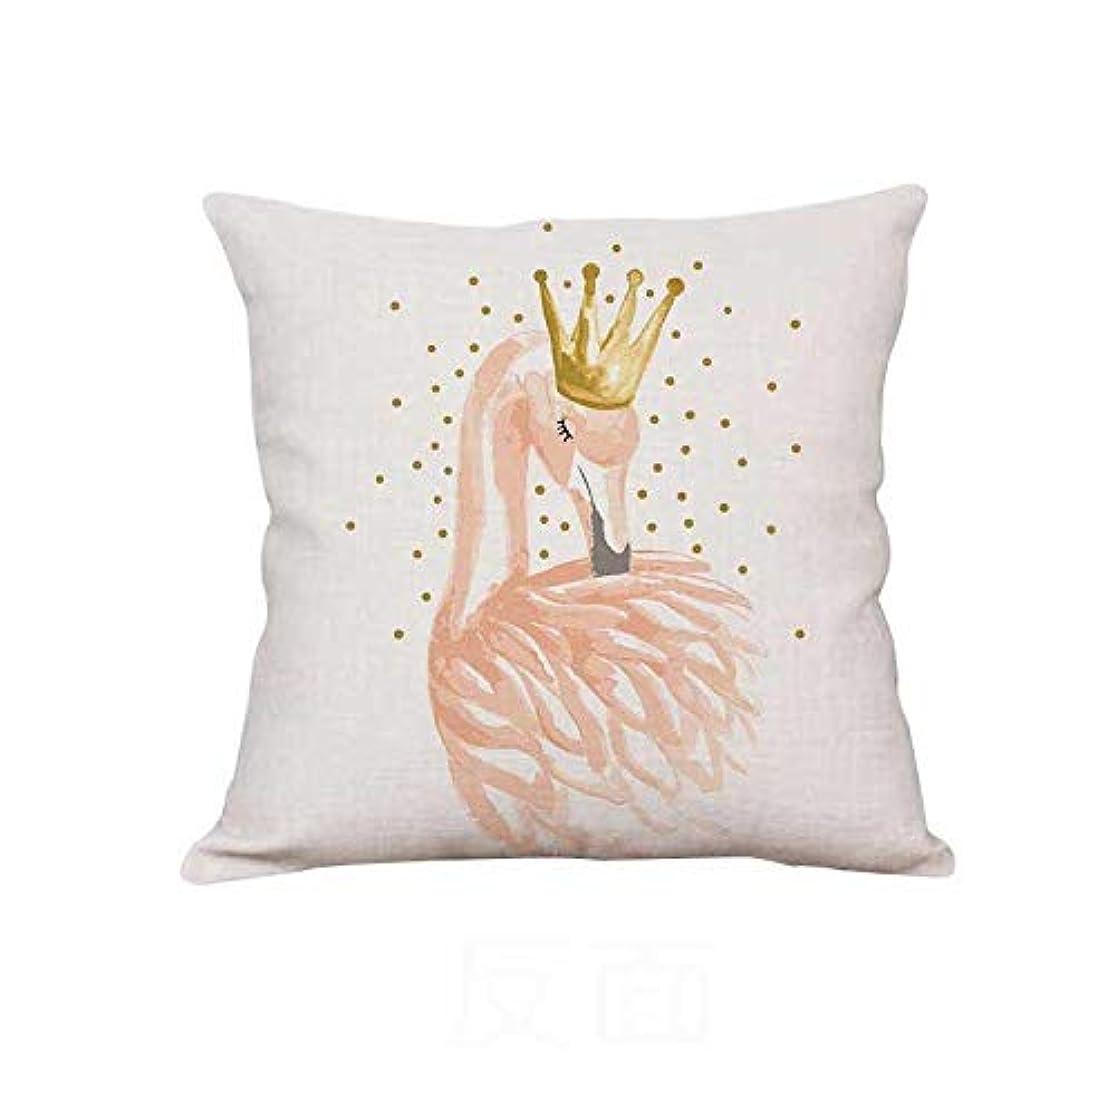 警戒かろうじて行方不明LIFE 新しいぬいぐるみピンクフラミンゴクッションガチョウの羽風船幾何北欧家の装飾ソファスロー枕用女の子ルーム装飾 クッション 椅子